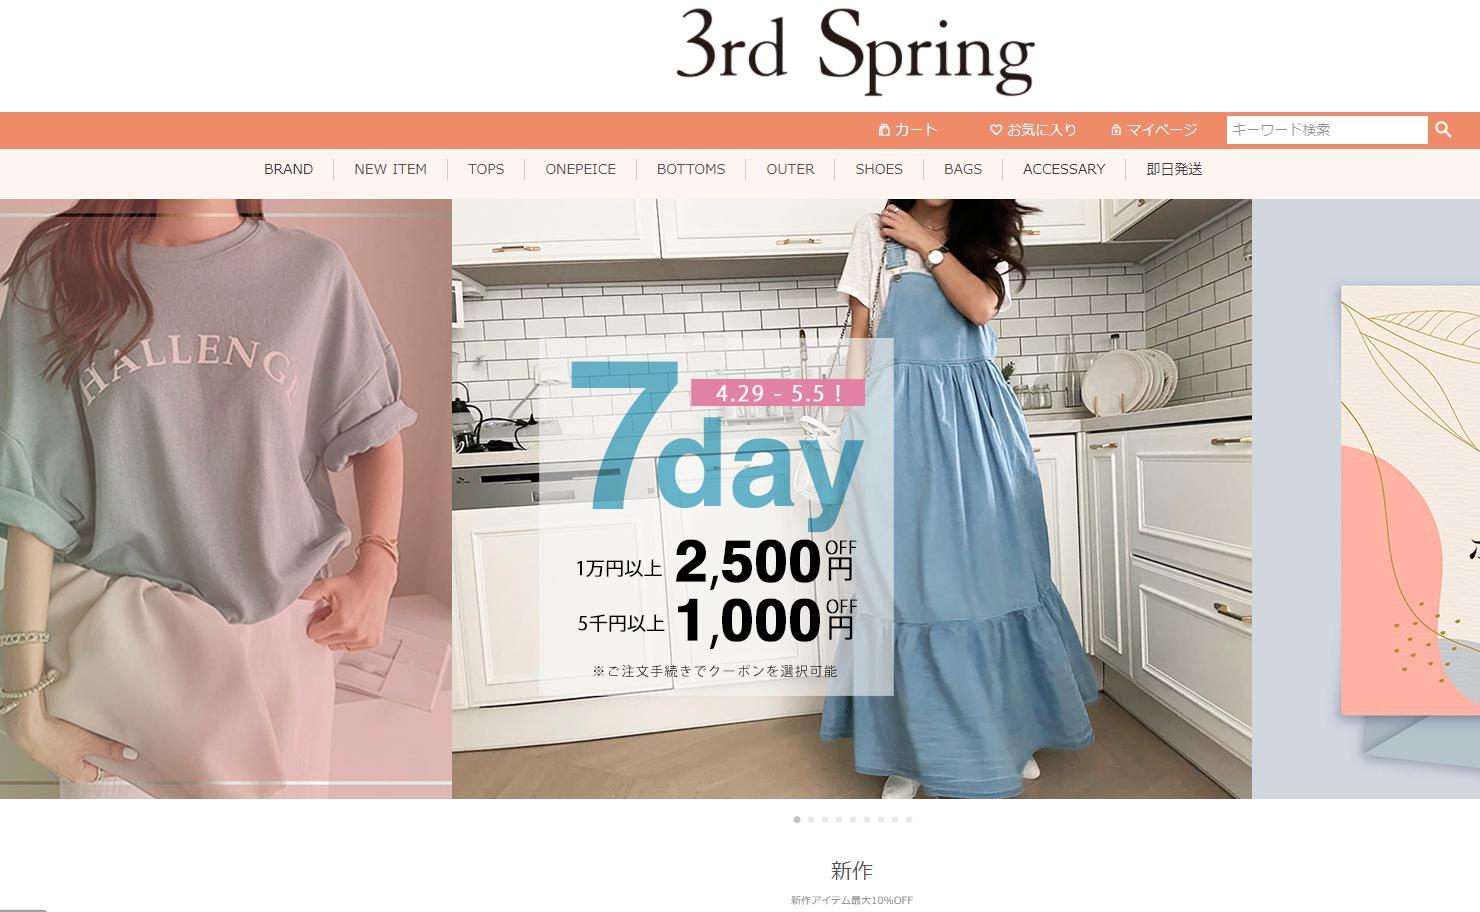 大人女子向けブランドが揃ったおすすめ通販サイト3rdSpringのサイトトップ画像